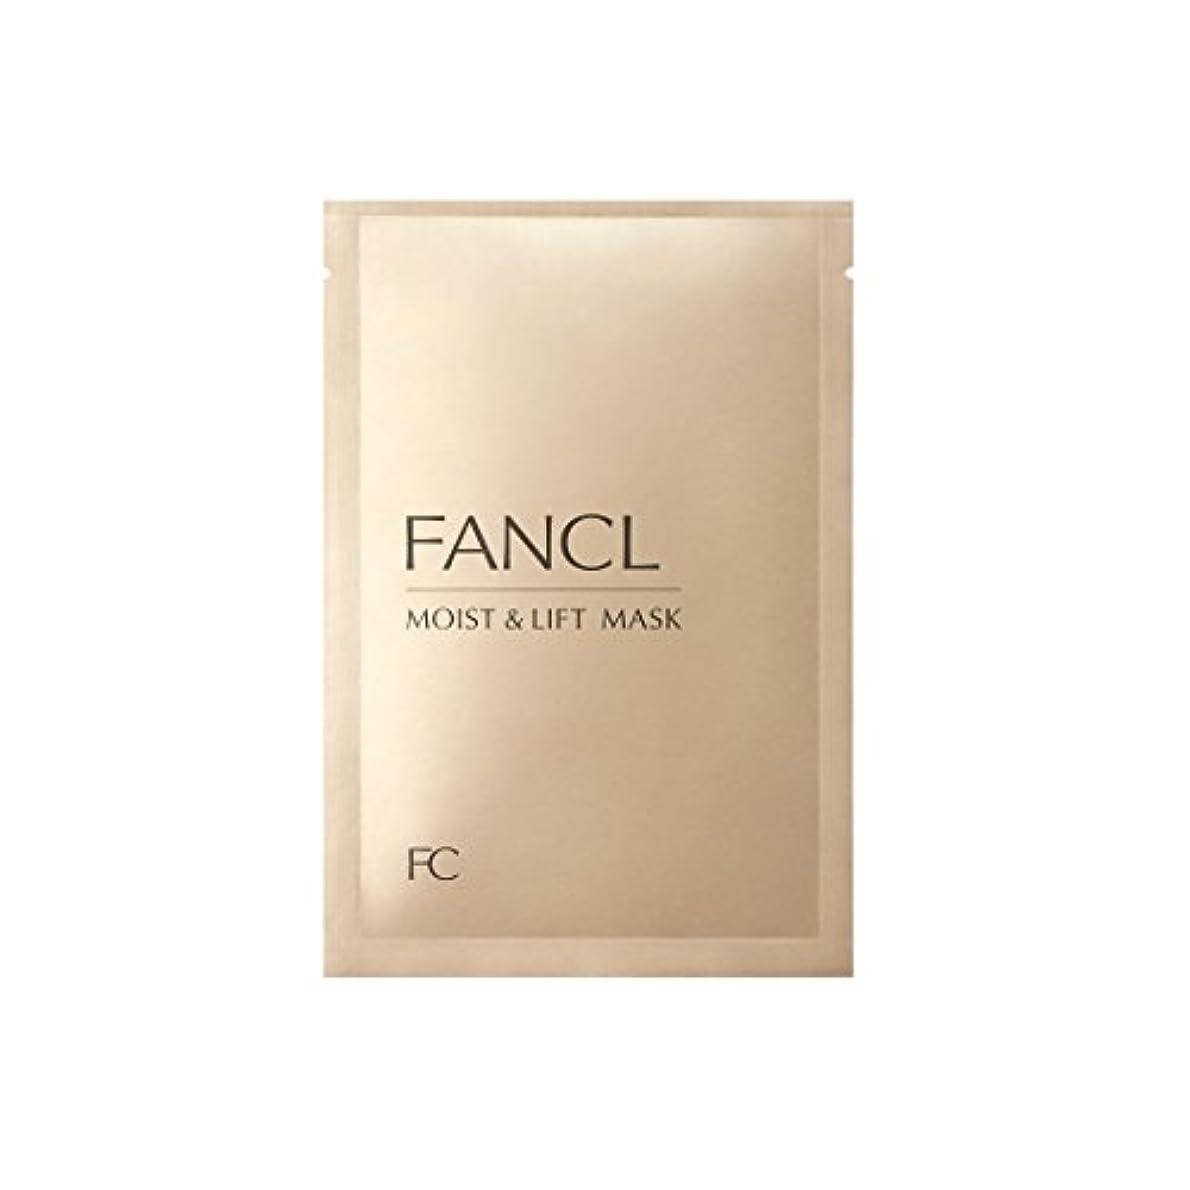 ホイップ冷凍庫受け入れるファンケル (FANCL) モイスト&リフトマスク M&L マスク 6枚セット (28mL×6)